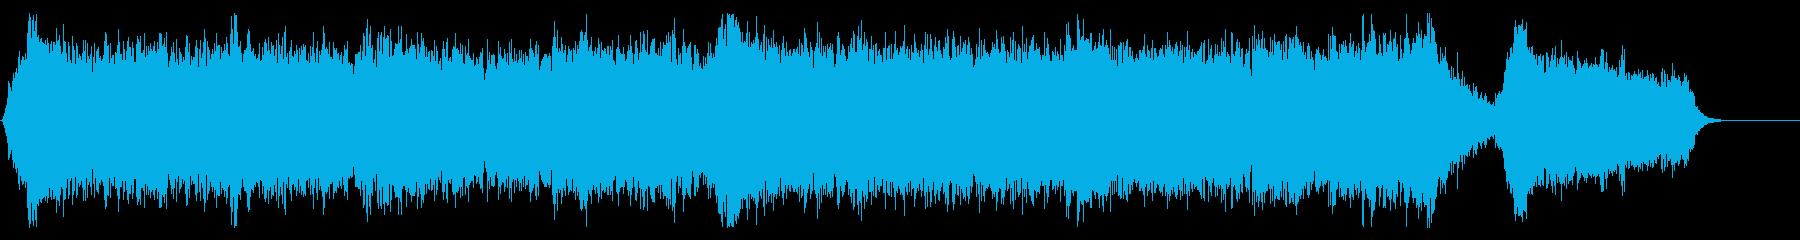 【ショート版】力強く壮大なシネマティックの再生済みの波形